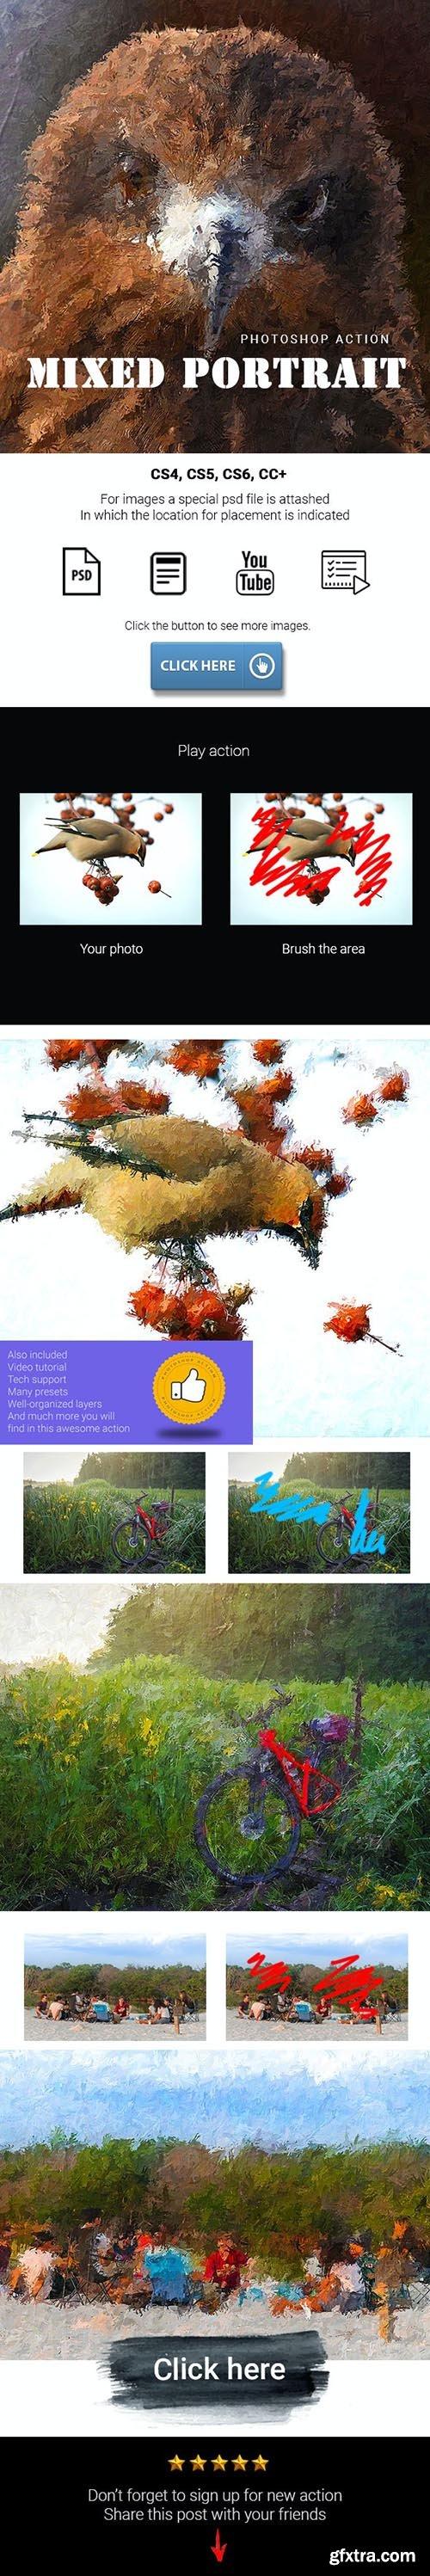 GraphicRiver - Mixed Portrait Photoshop Action 28318393